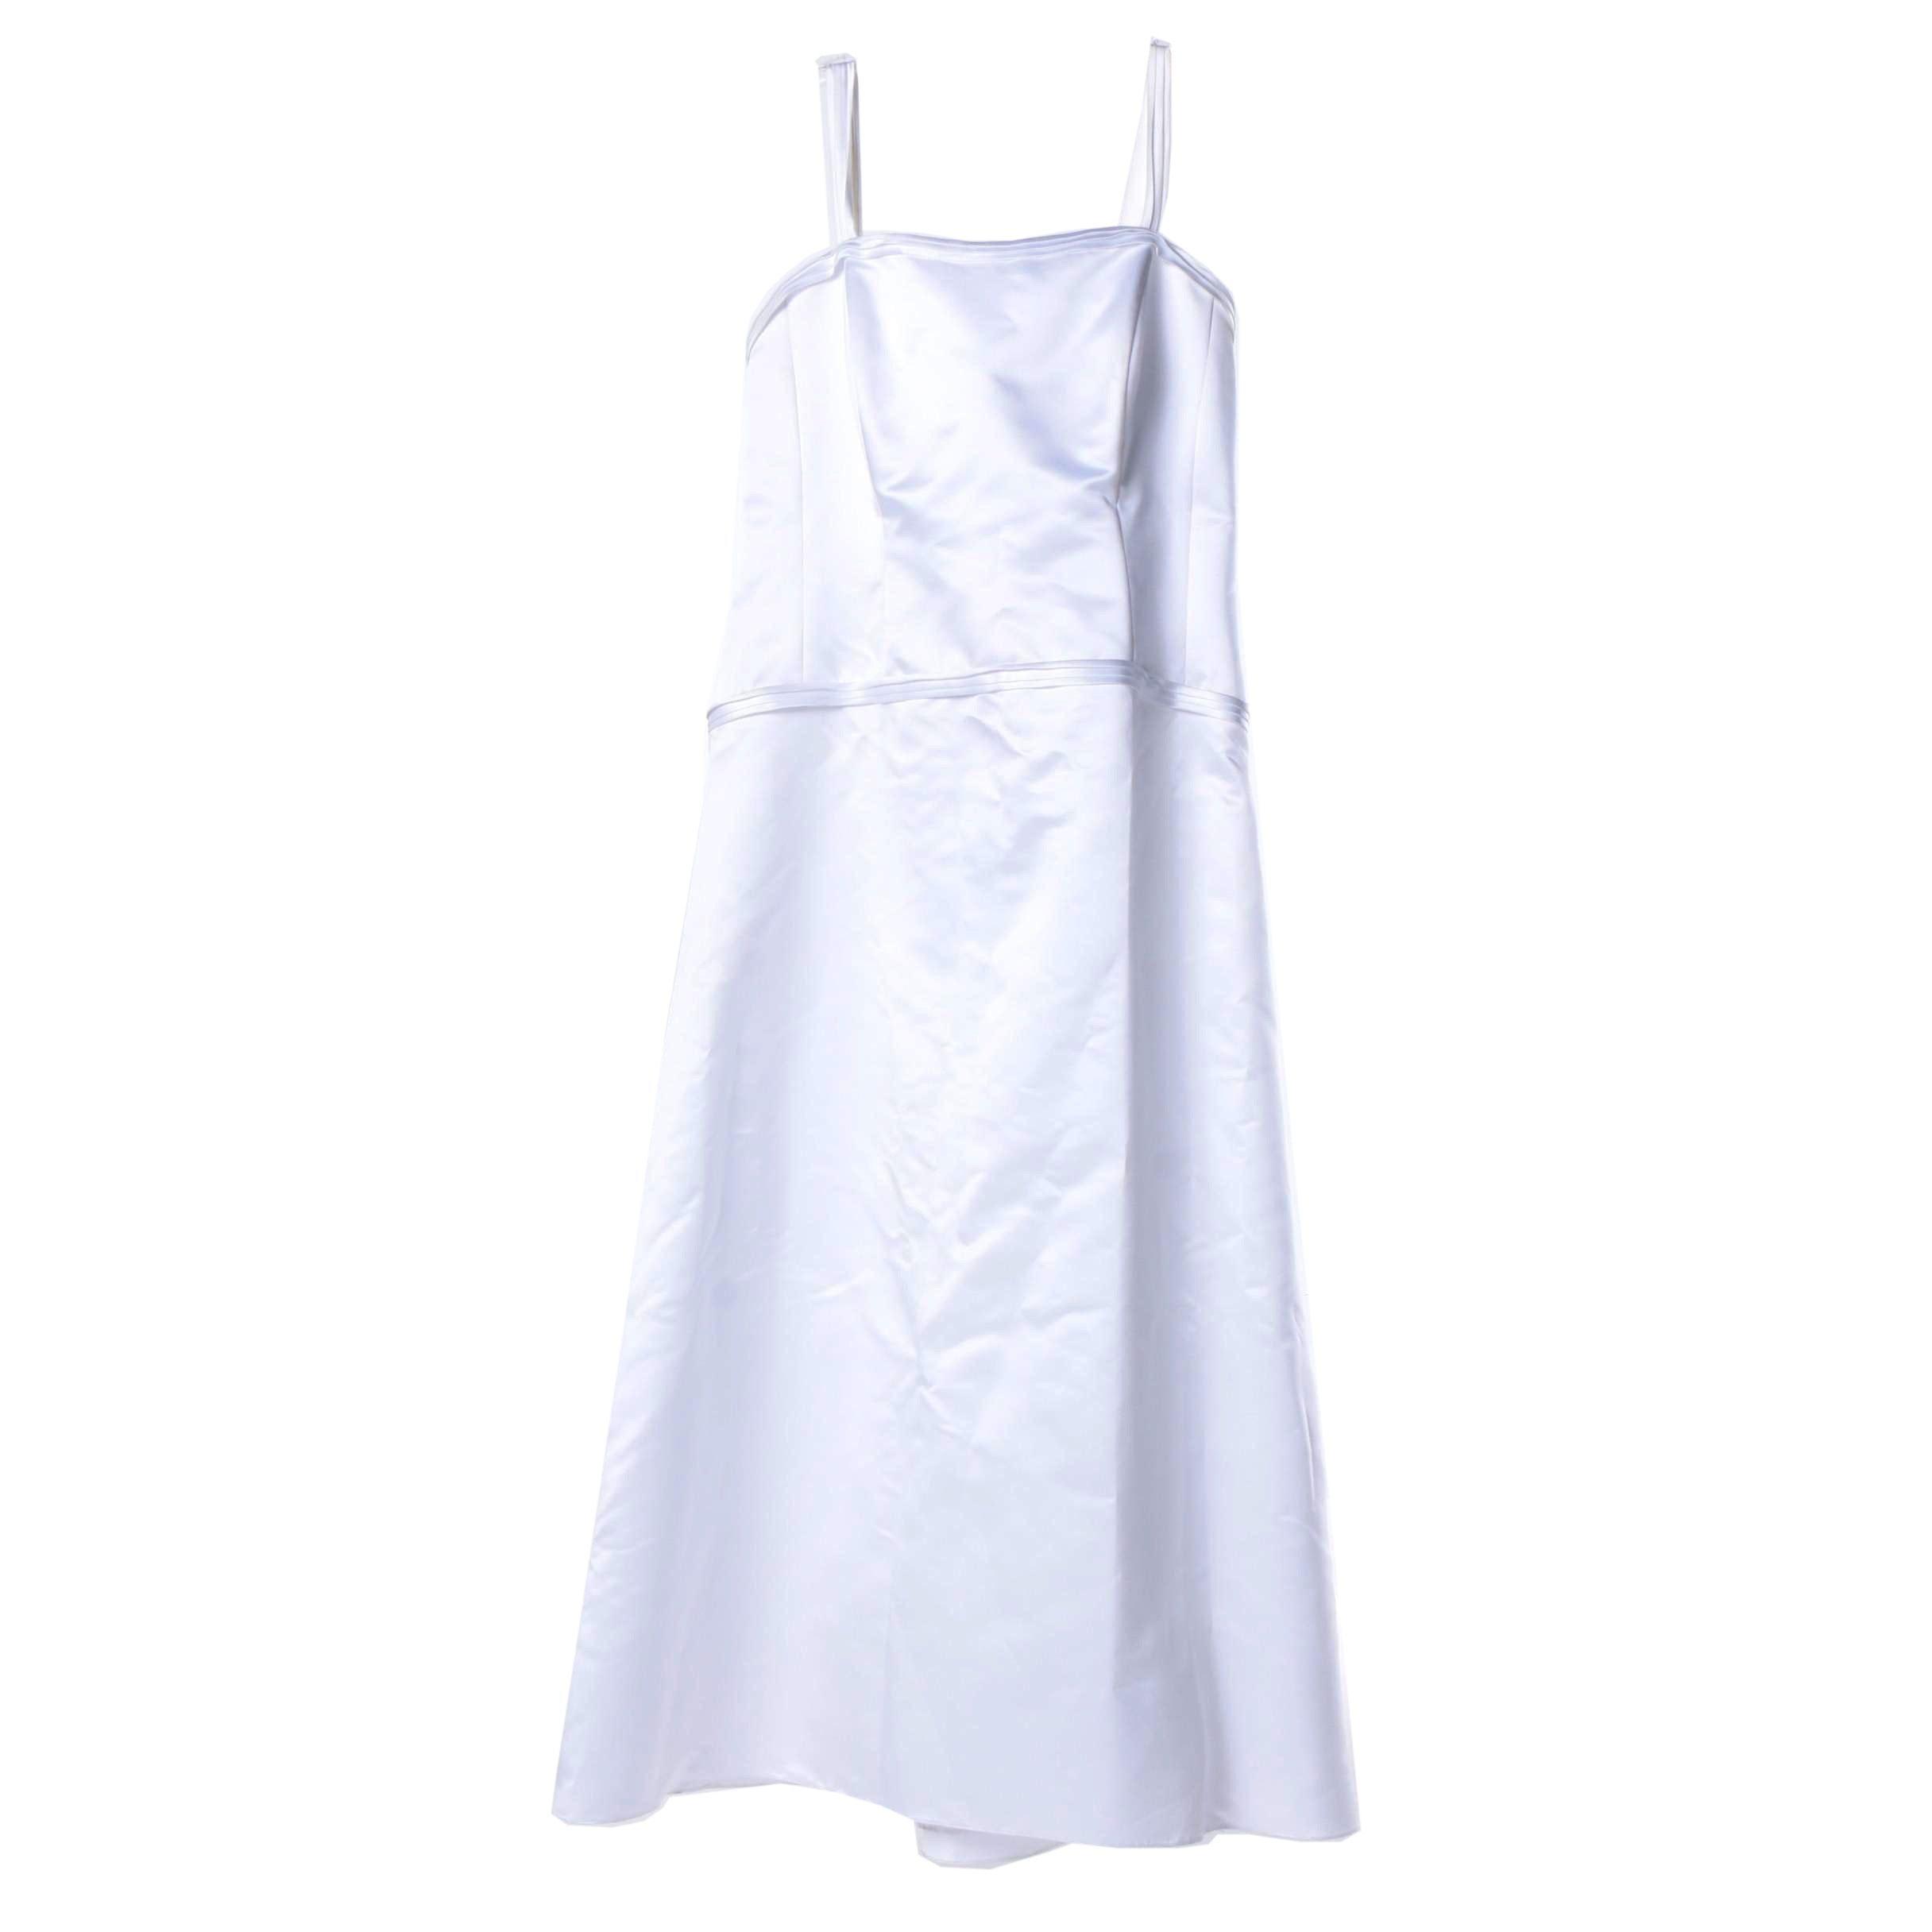 Watters & Watters Occasion Sleeveless Dress